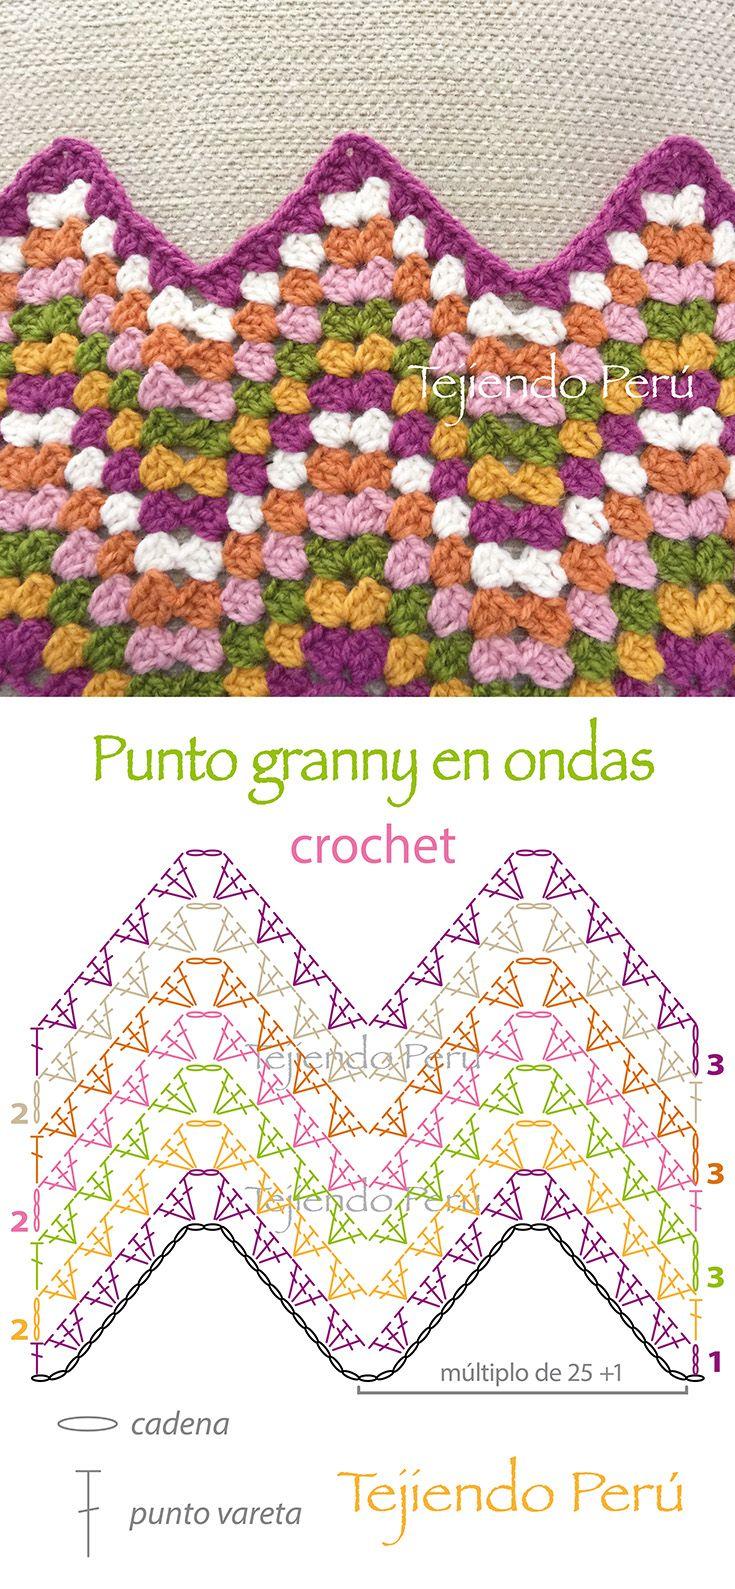 Crochet: diagrama del punto granny en ondas! | patrones | Pinterest ...